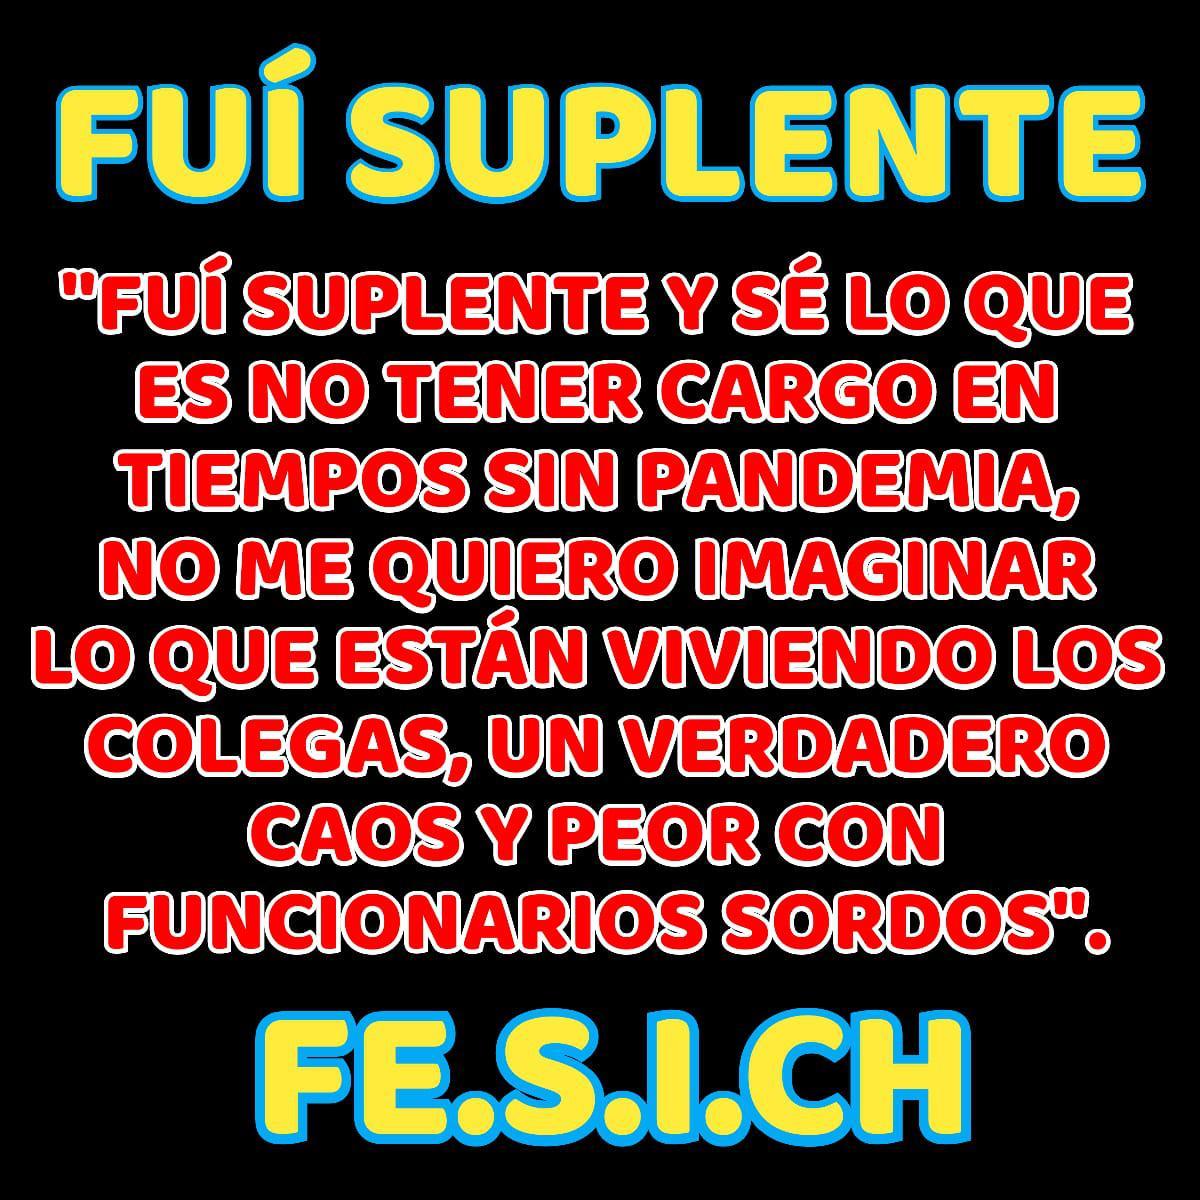 FESICh-SITECh-Castelli-Suspension-de-las-designaciones-virtuales-20-08-08-03